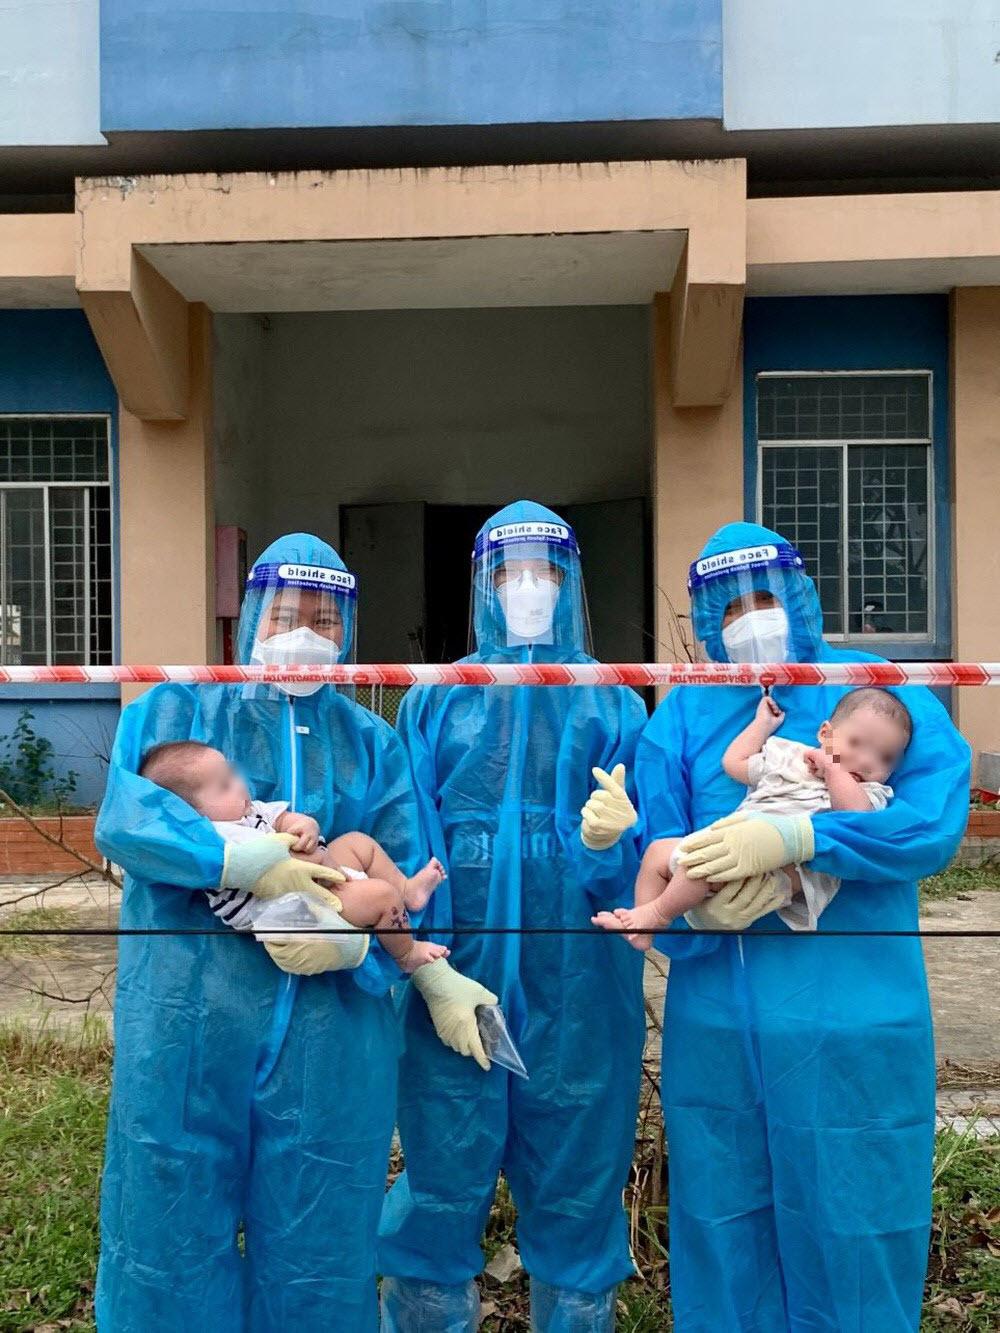 2 bé sơ sinh F0 bị bỏ rơi ở TP.HCM được nhiều người nhận nuôi, nụ cười vô tư của trẻ thơ khiến nhiều người nhói lòng - Ảnh 1